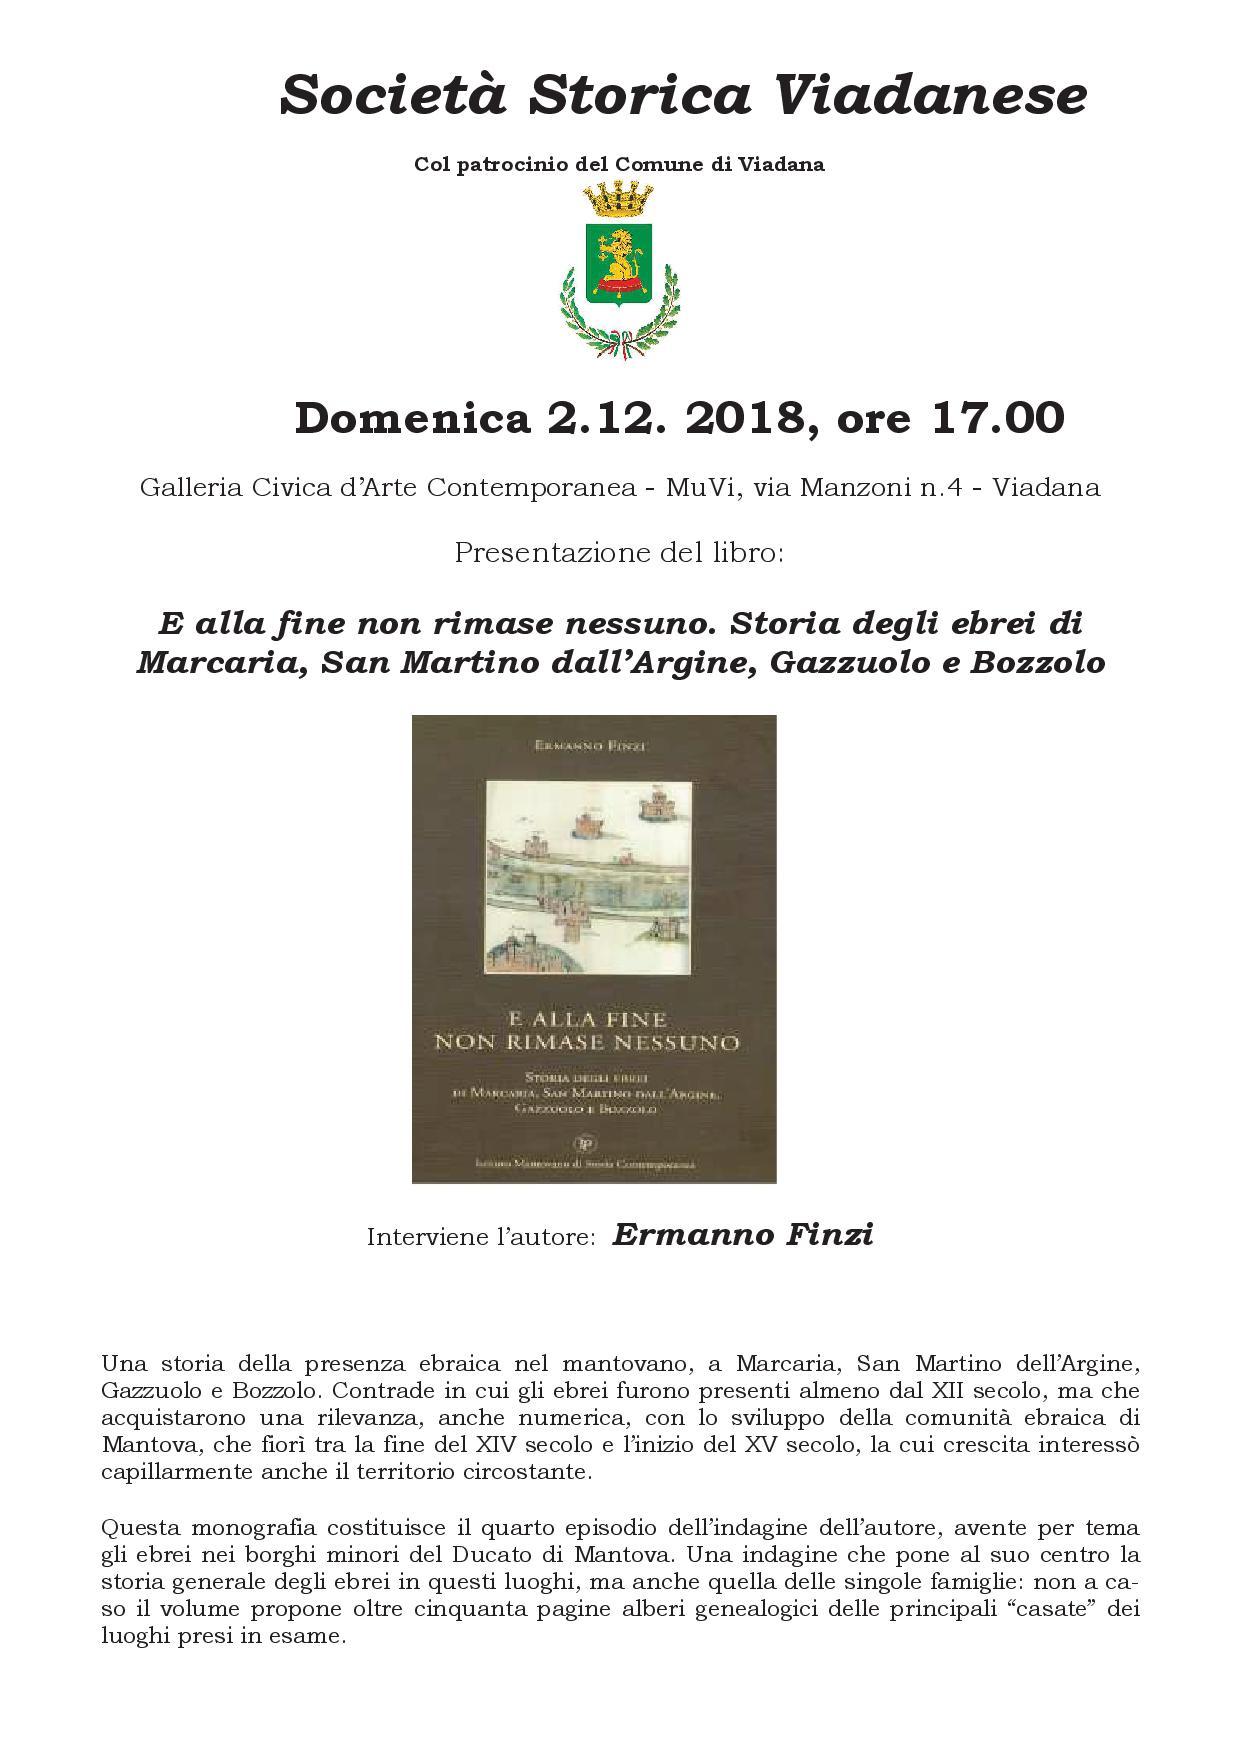 """02/12/2018 - Società Storica Viadanese - presentazione del libro """"e alla fine non rimase nessuno... """"Interviene Ermanno Finzi"""